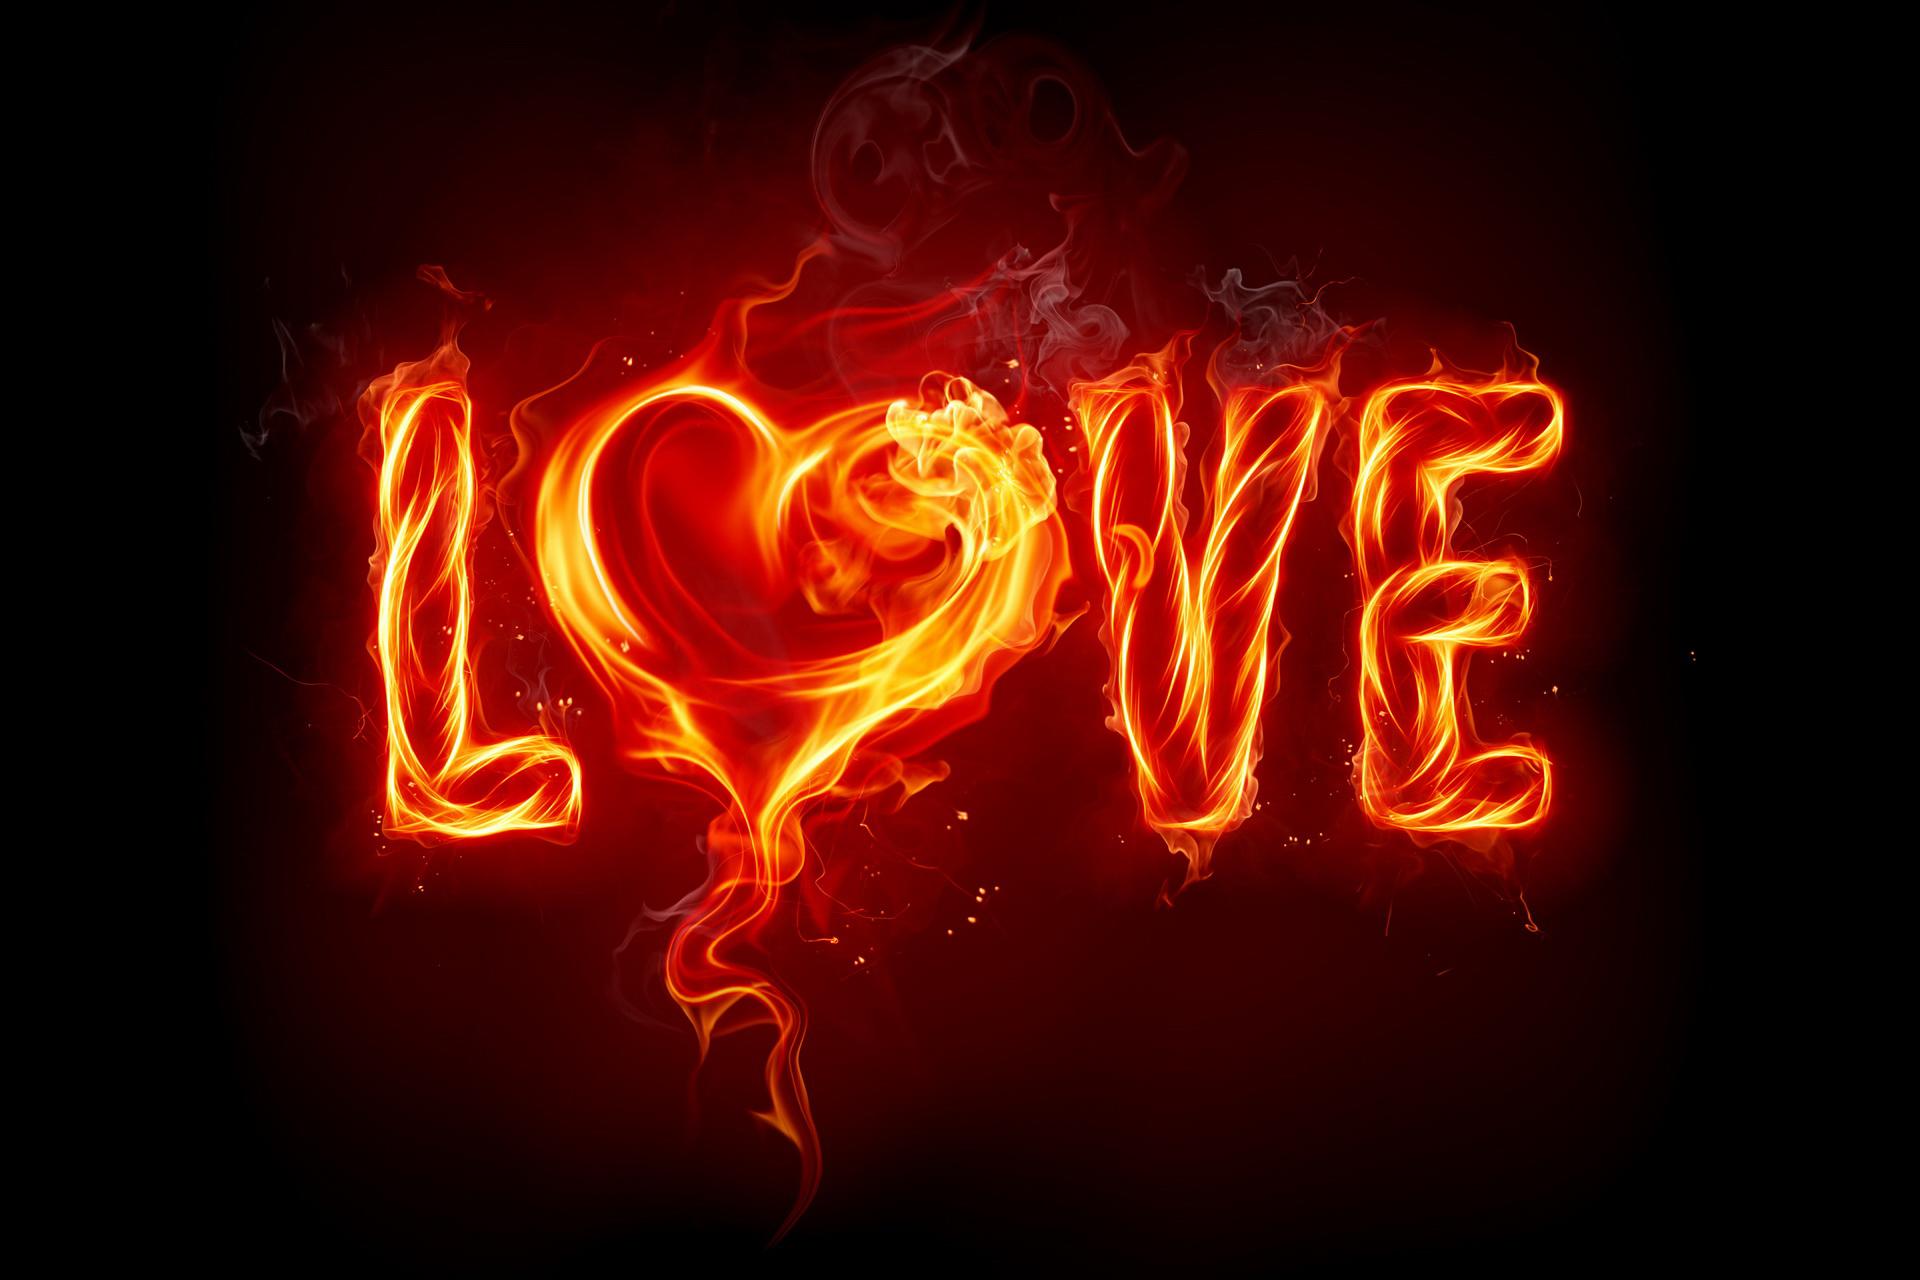 بالصور كلمات في الحب والغرام والعشق احلى كلام في الحب , كلام جميل ليجمع كل حبيبين 4794 10